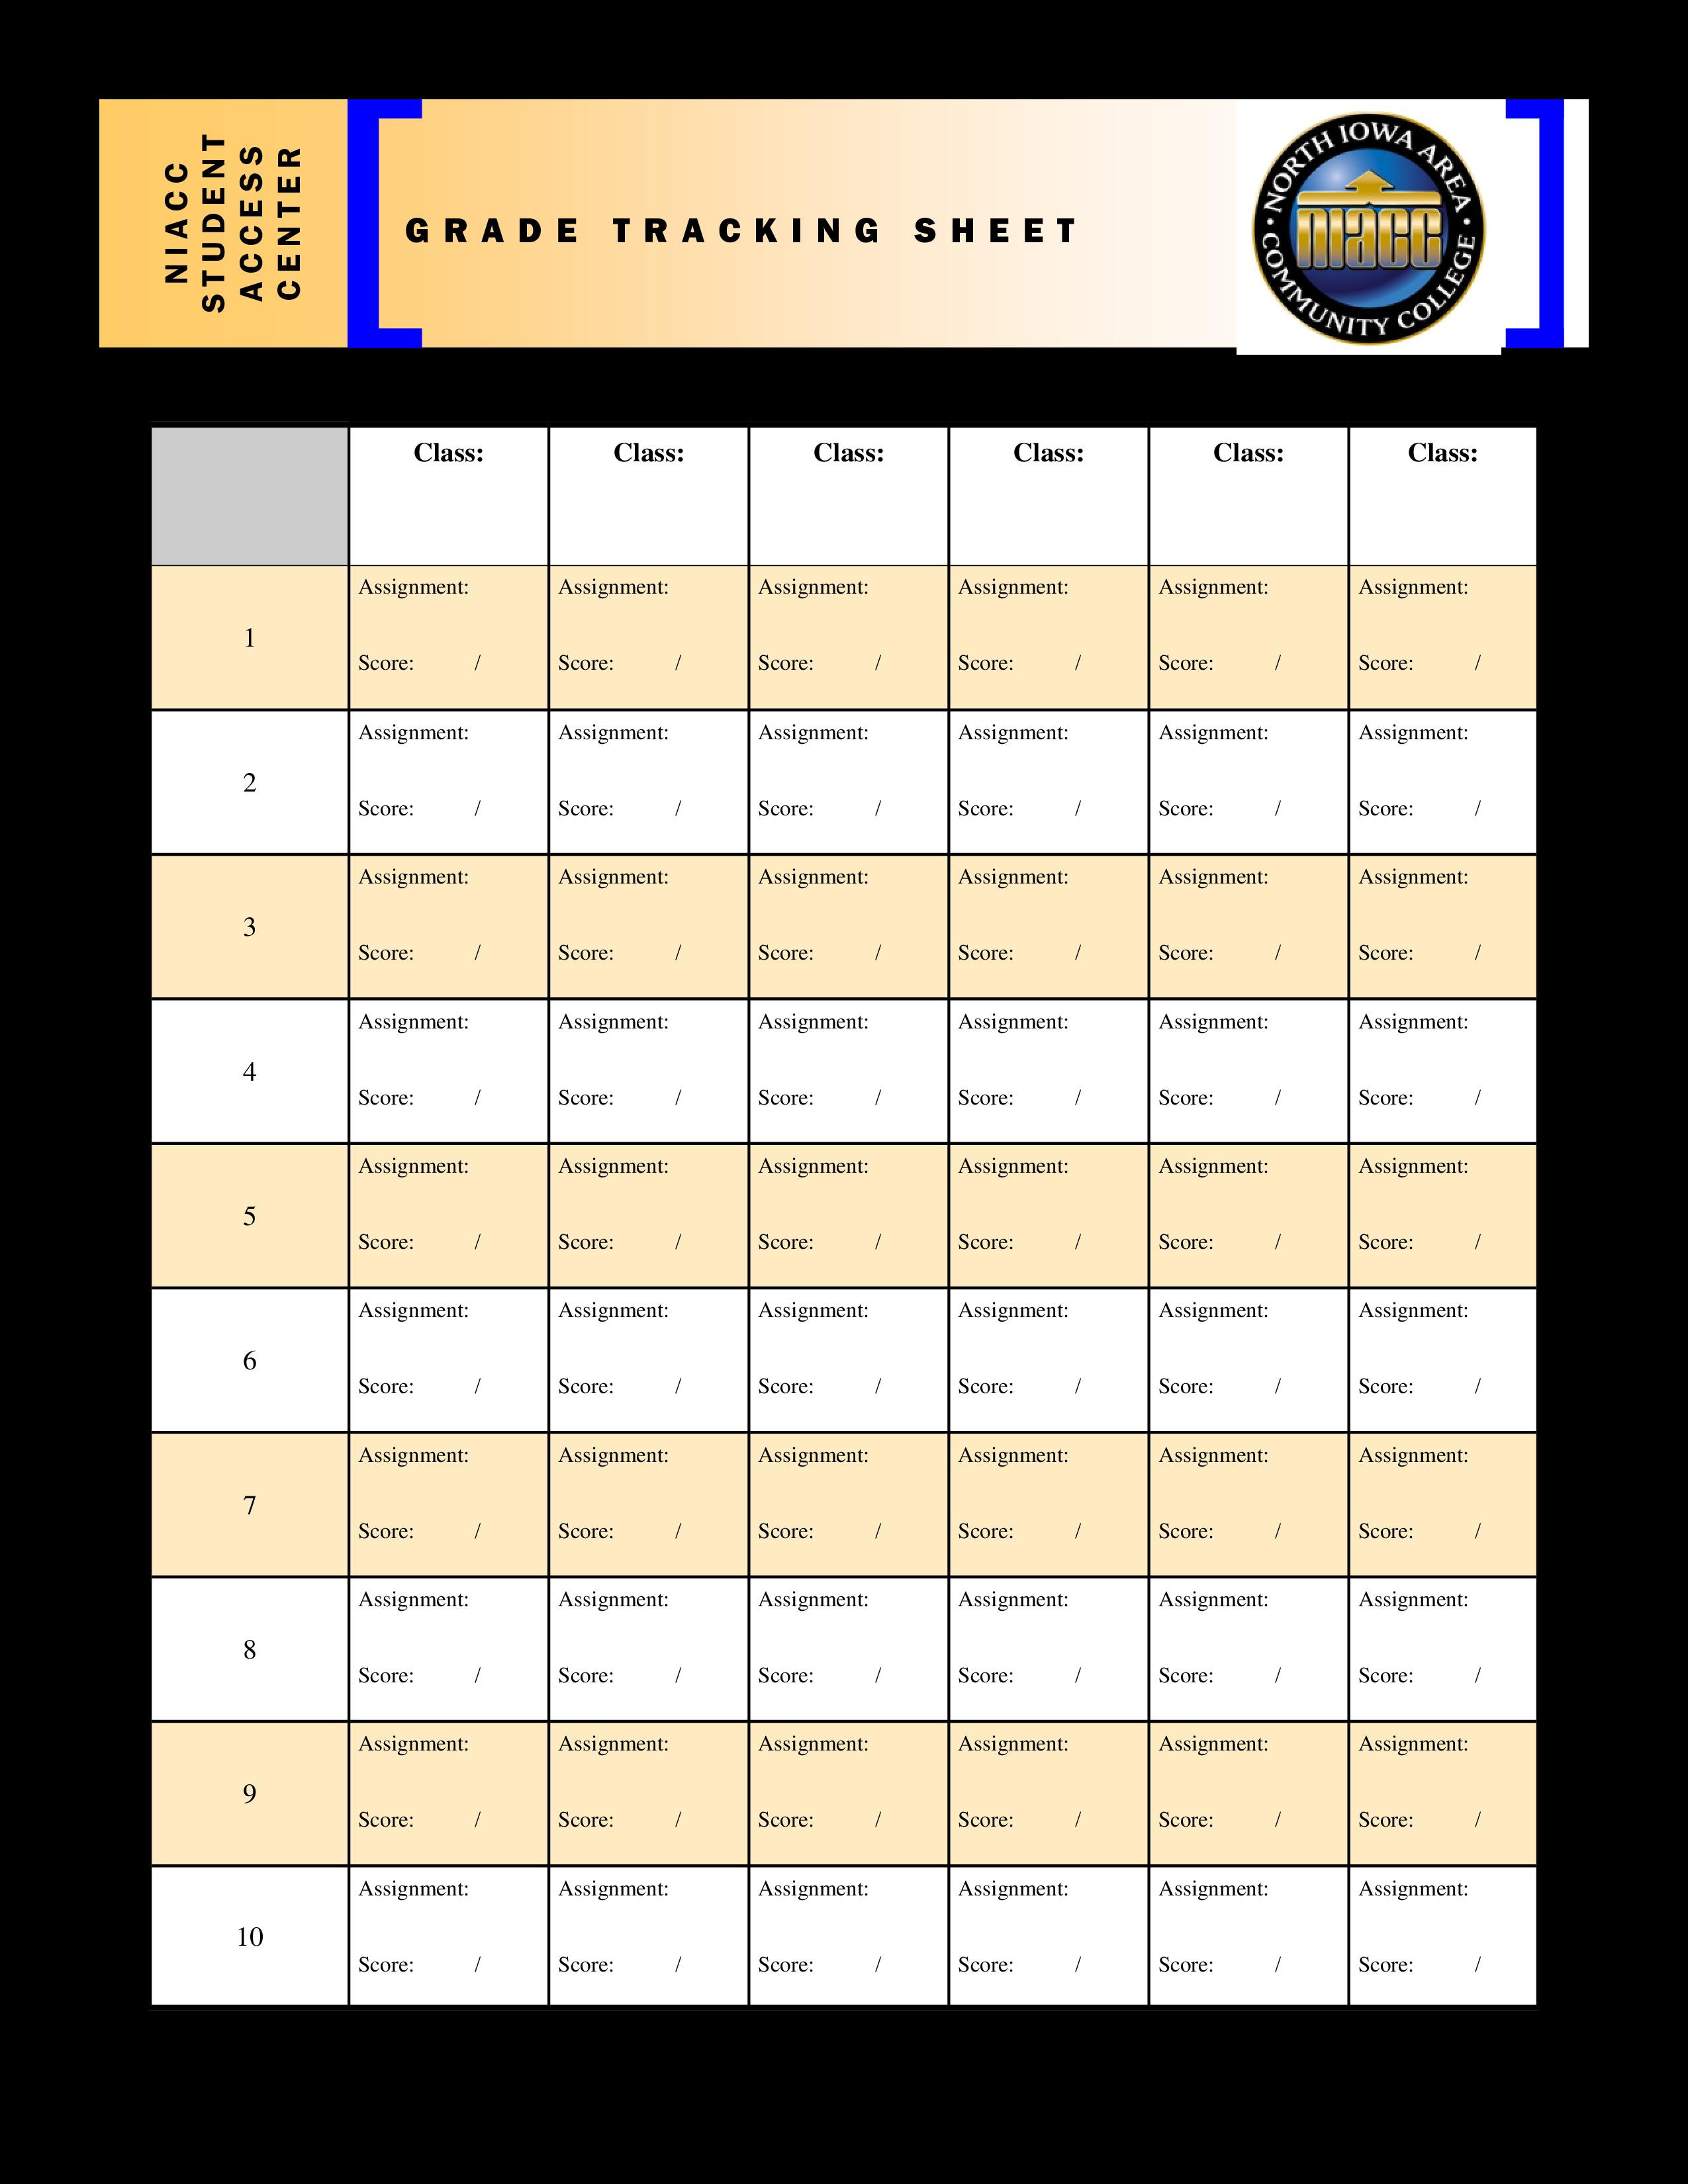 Free Grade Tracking Sheet Templates At Allbusinesstemplatescom - Tracking sheet template